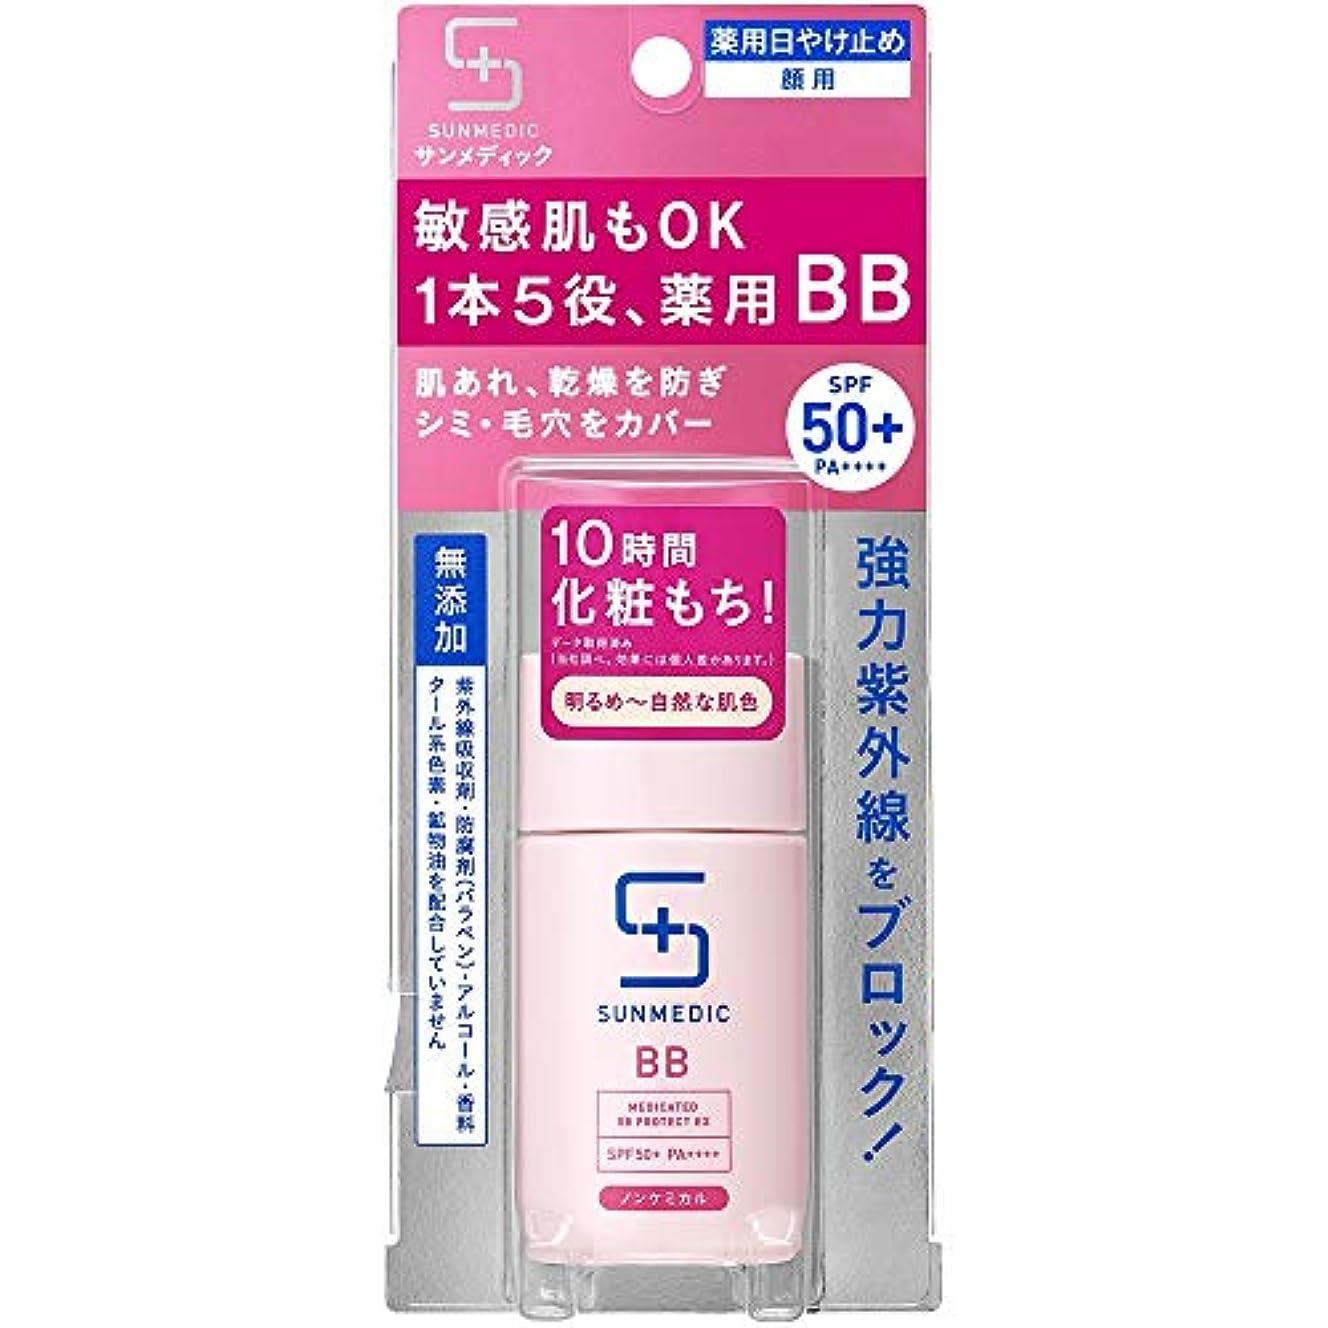 ビュッフェ無法者コンピューターサンメディックUV 薬用BBプロテクトEX ライト 30ml (医薬部外品)